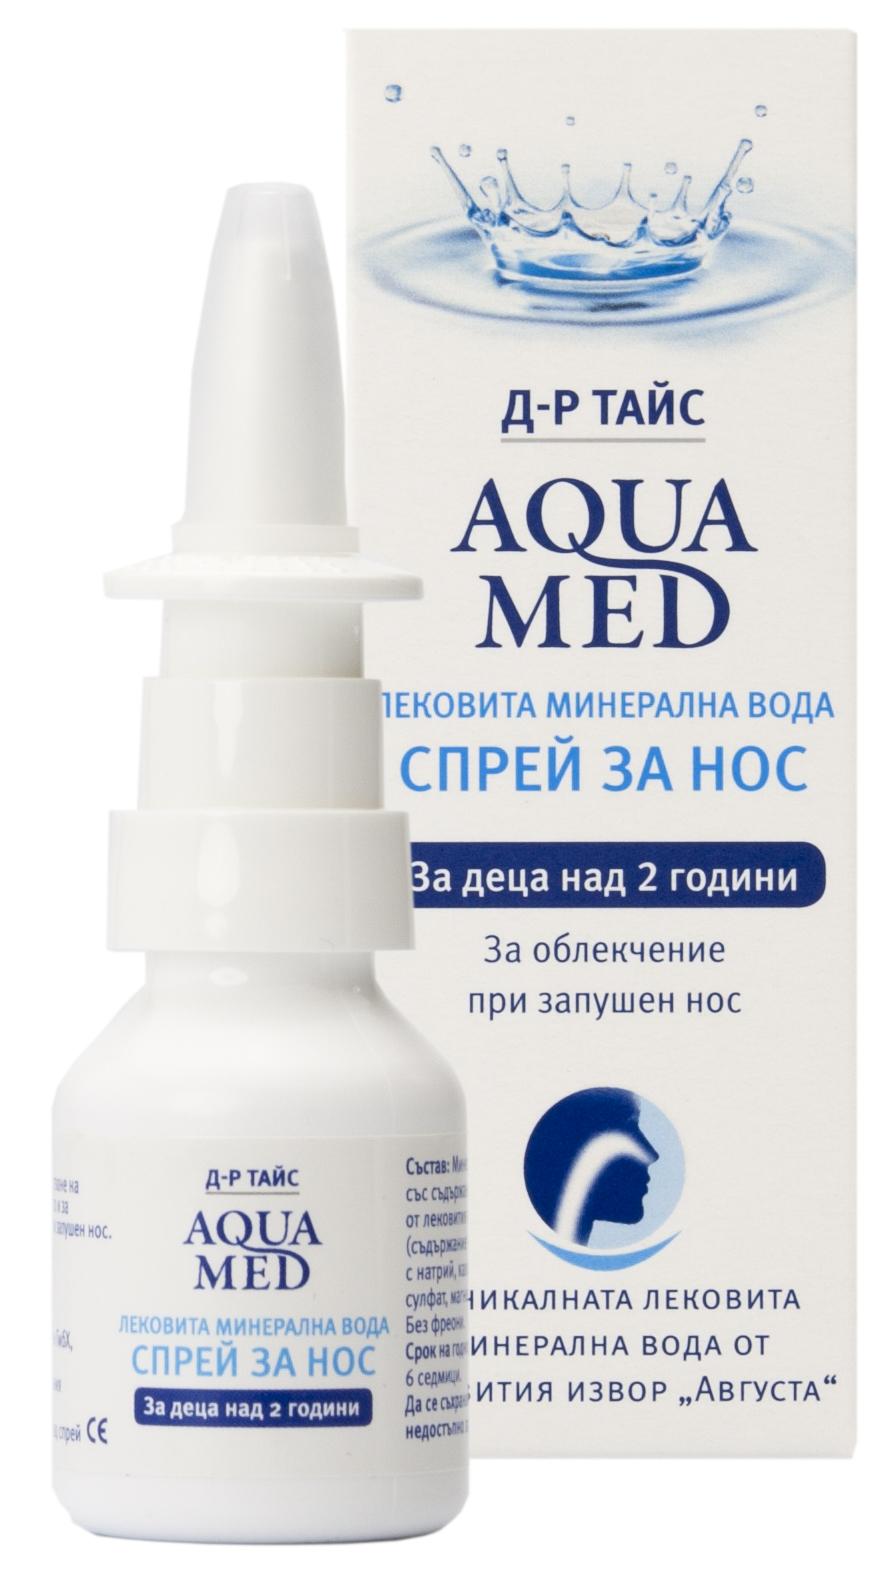 Д-р Тайс АкваМед лековита минерална вода спрей за нос за деца над 2 години.